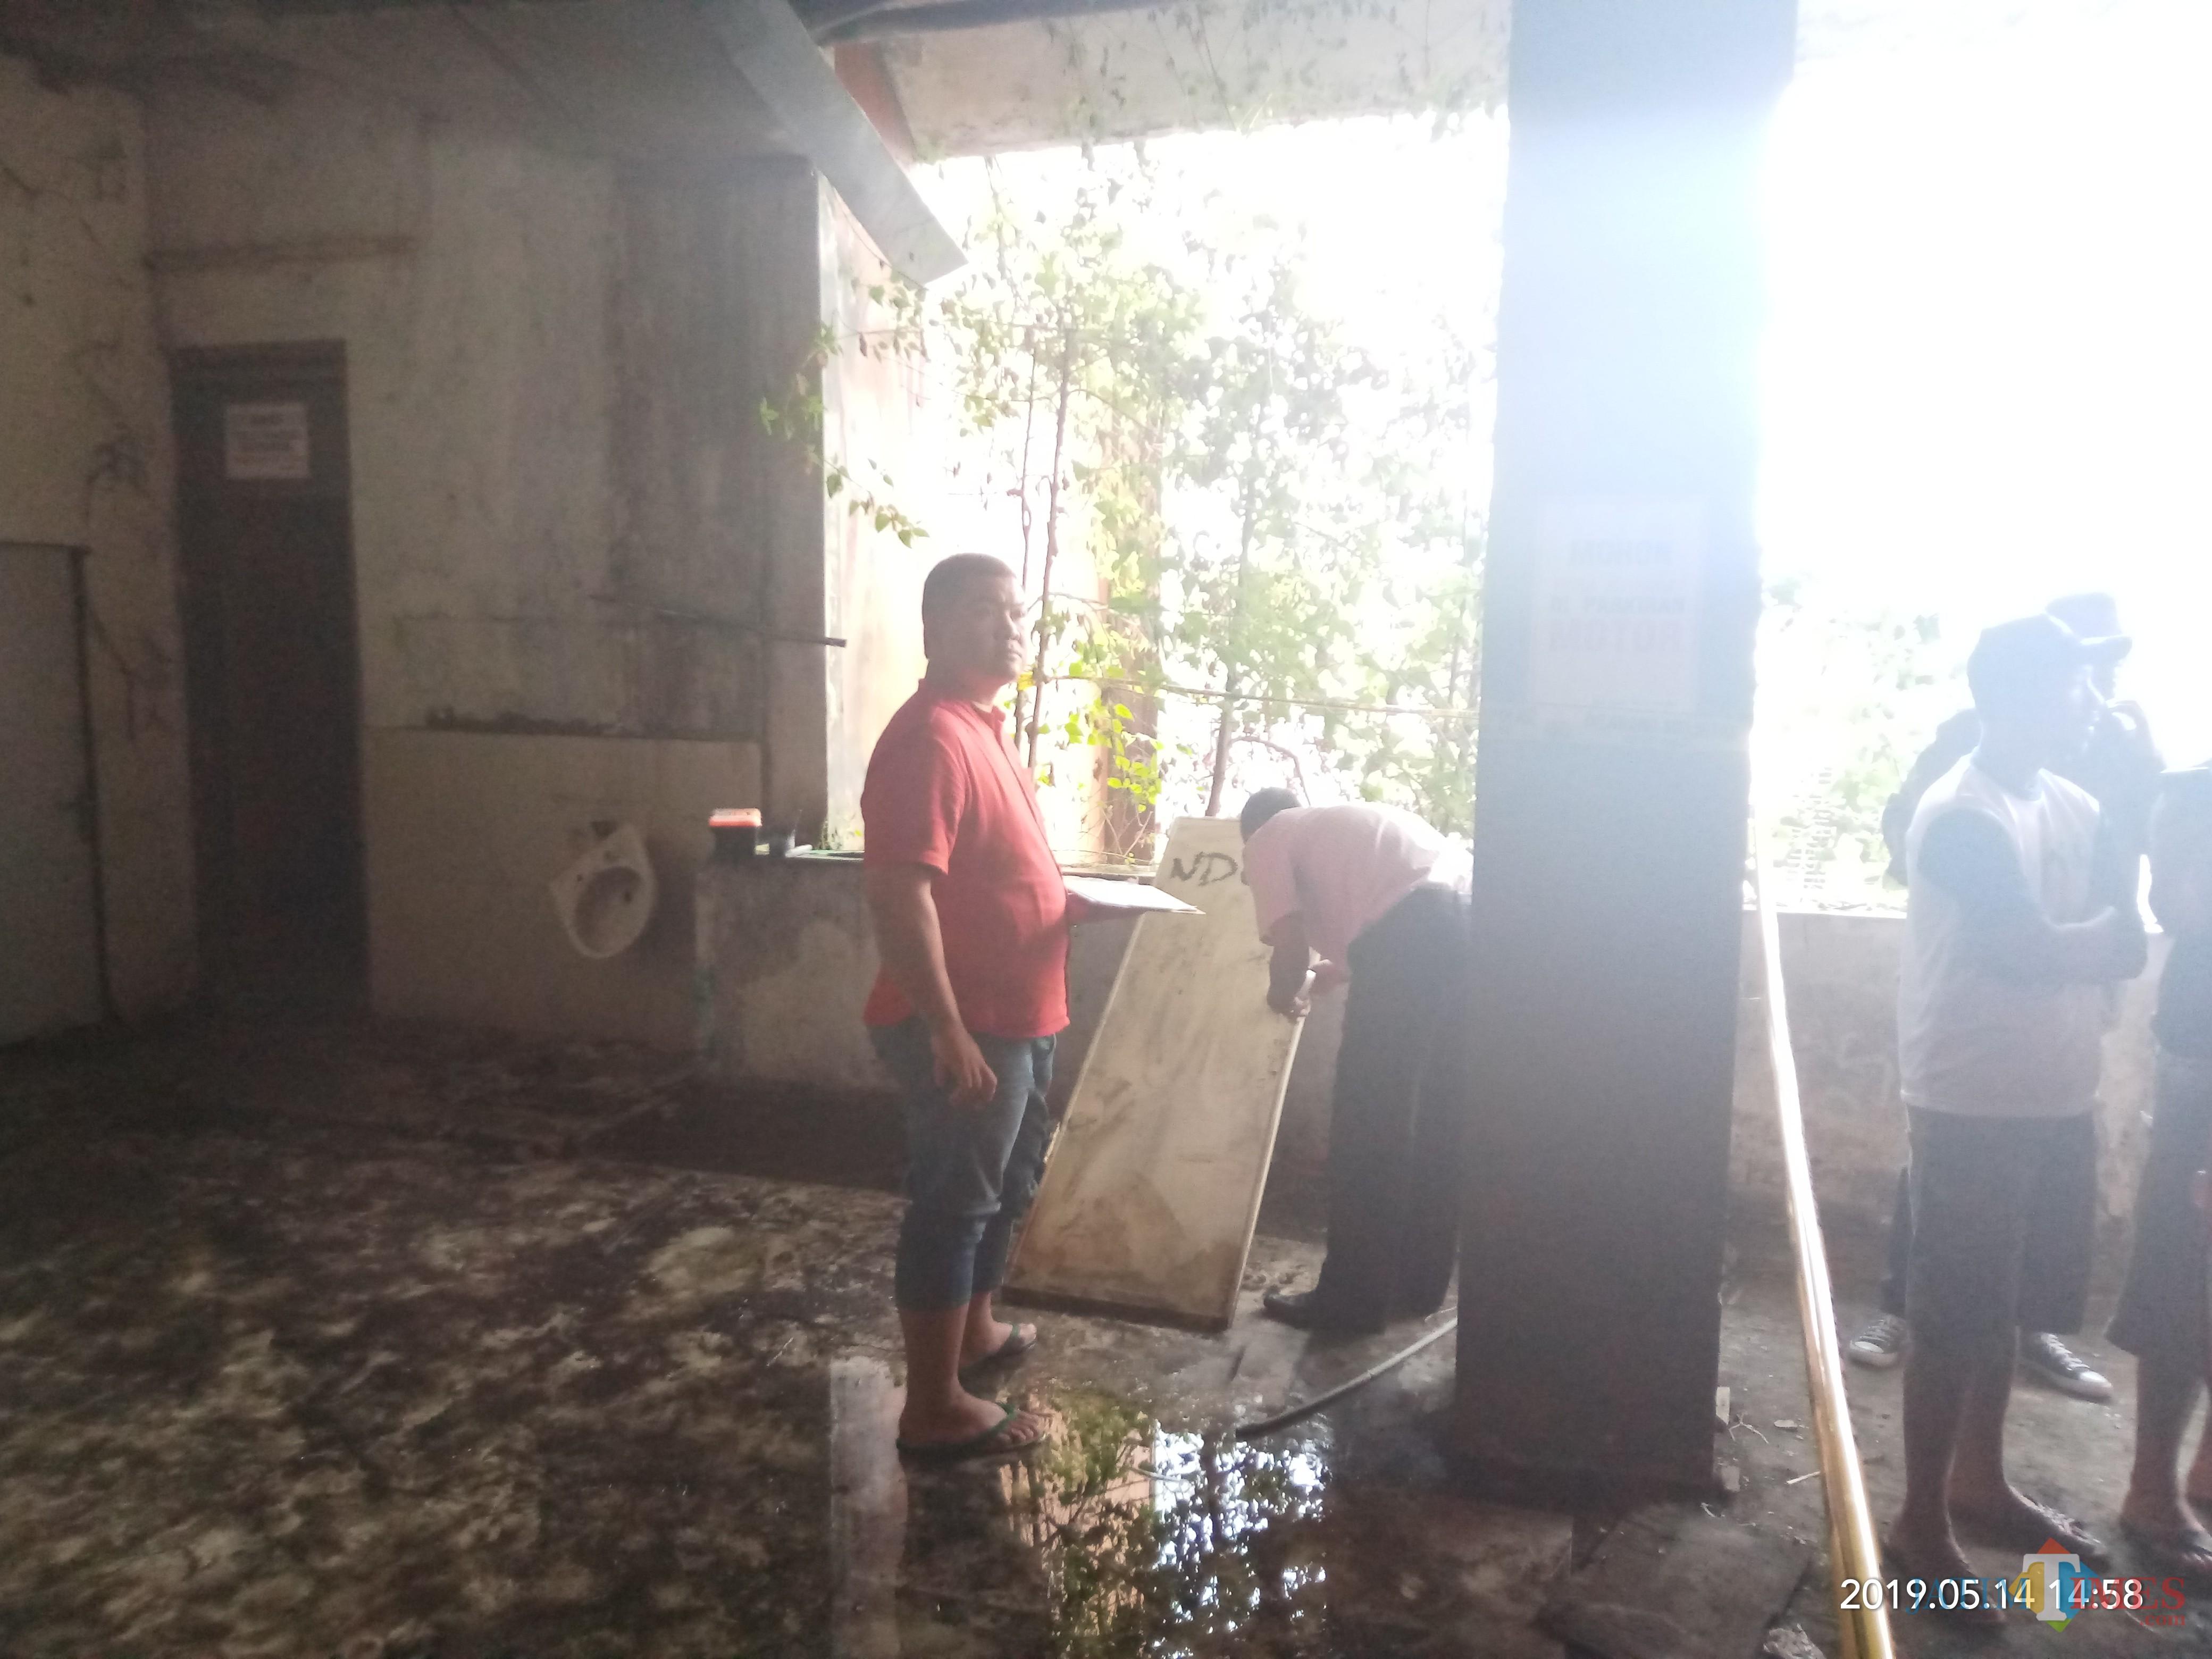 Polisi yang tengah memeriksa sidik jari pada bagaian pintu kamar mandi (Anggara Sudiongko/MalangTIMES)